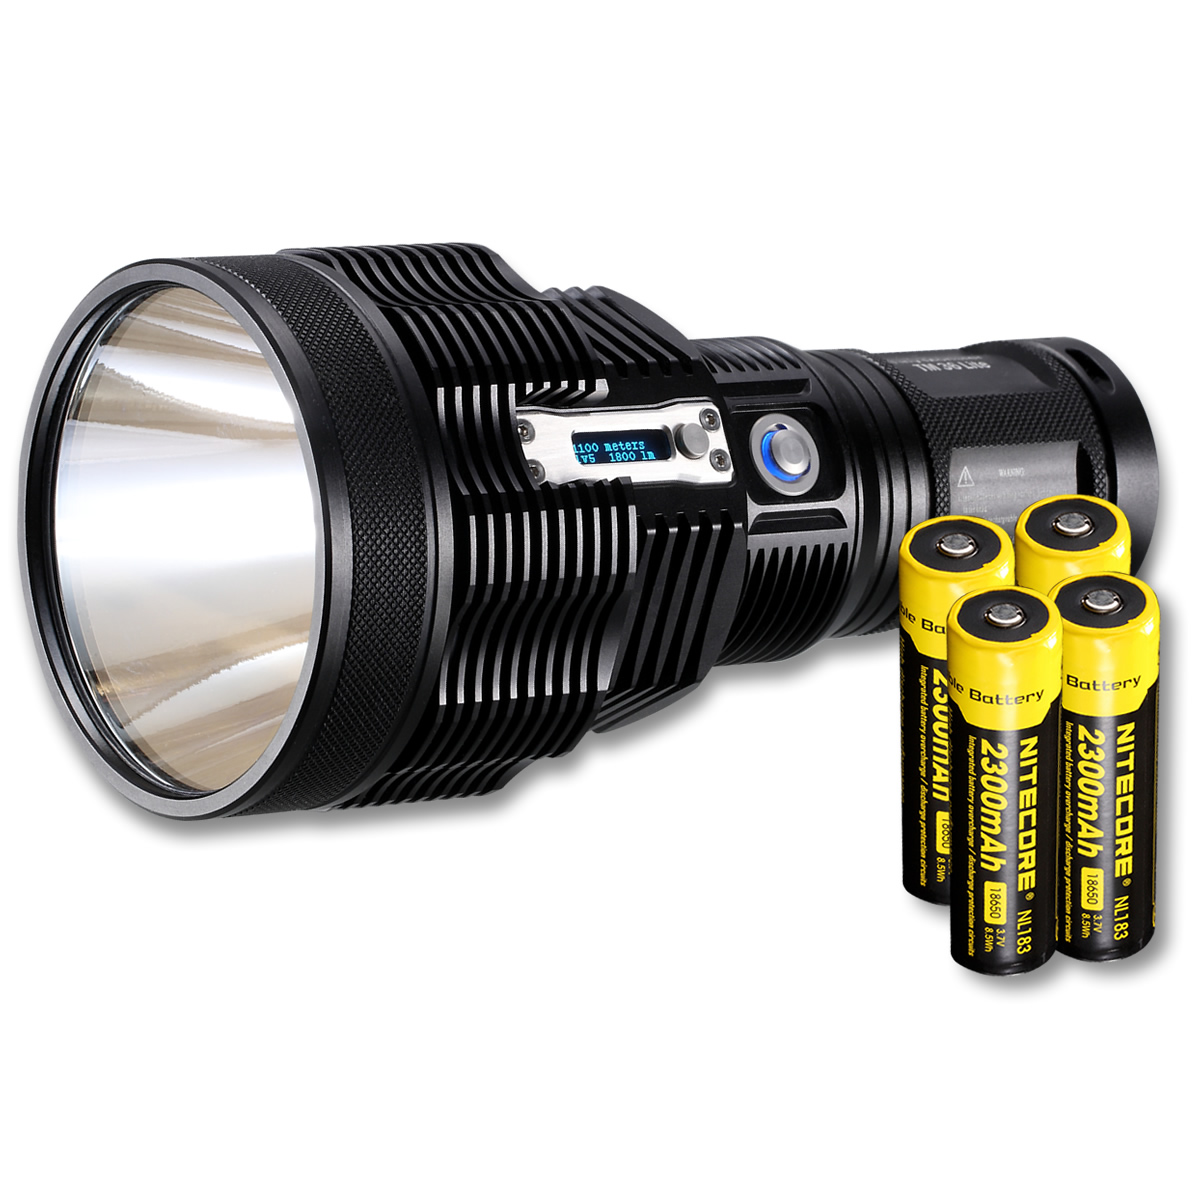 Бесплатная доставка Nitecore TM38Lite + 4x18650 Батарея 1800 LMs CREE XHP35 HI D4 светодиодный 1400 метра Луч расстояние Перезаряжаемые фонарик